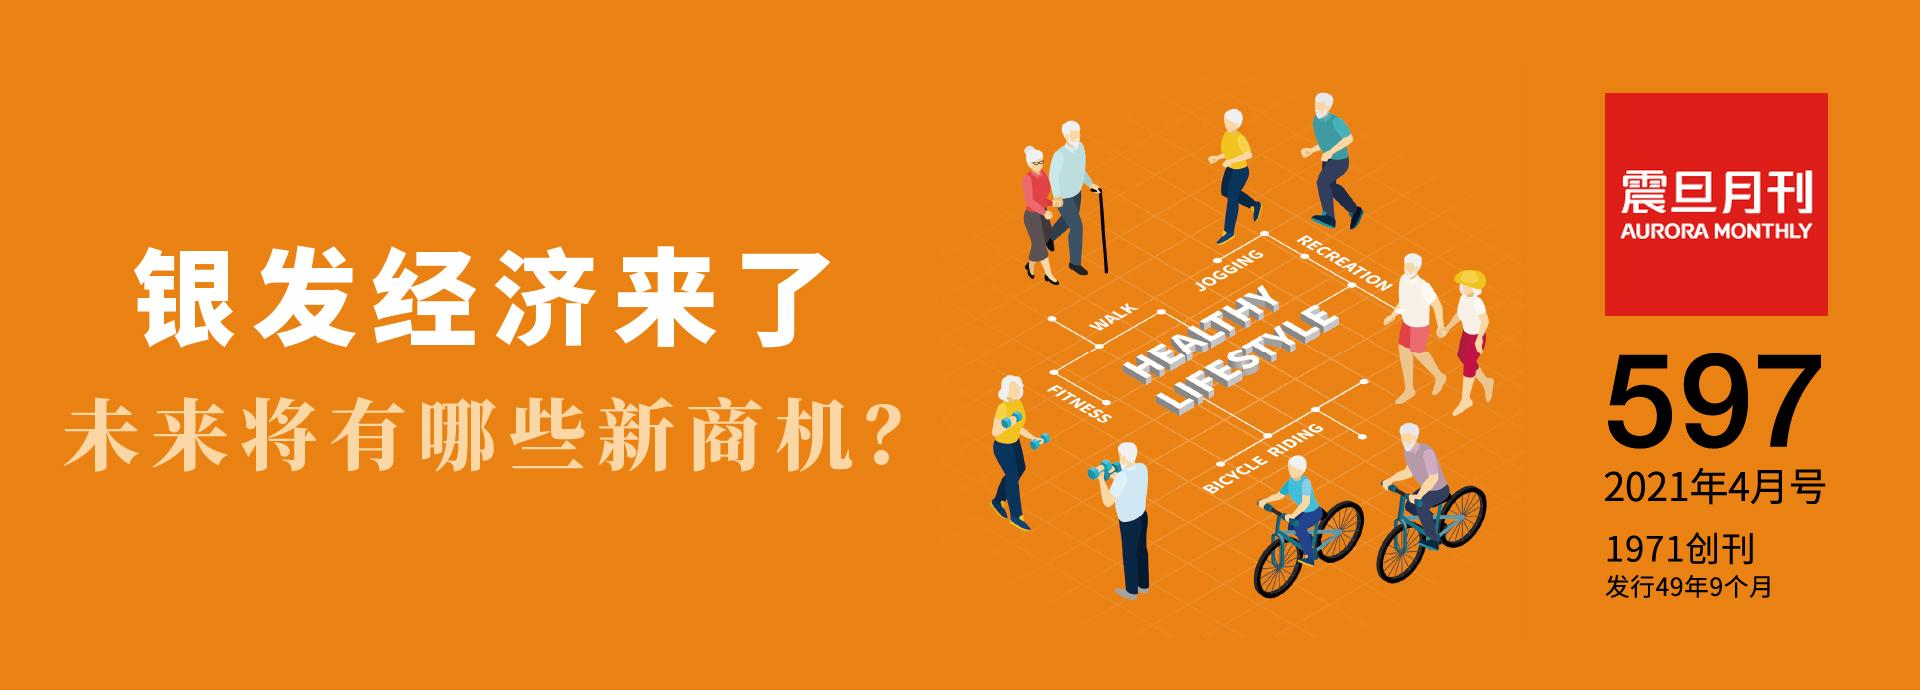 震旦(dan)集團月(yue)刊(kan)202104月(yue)刊(kan)